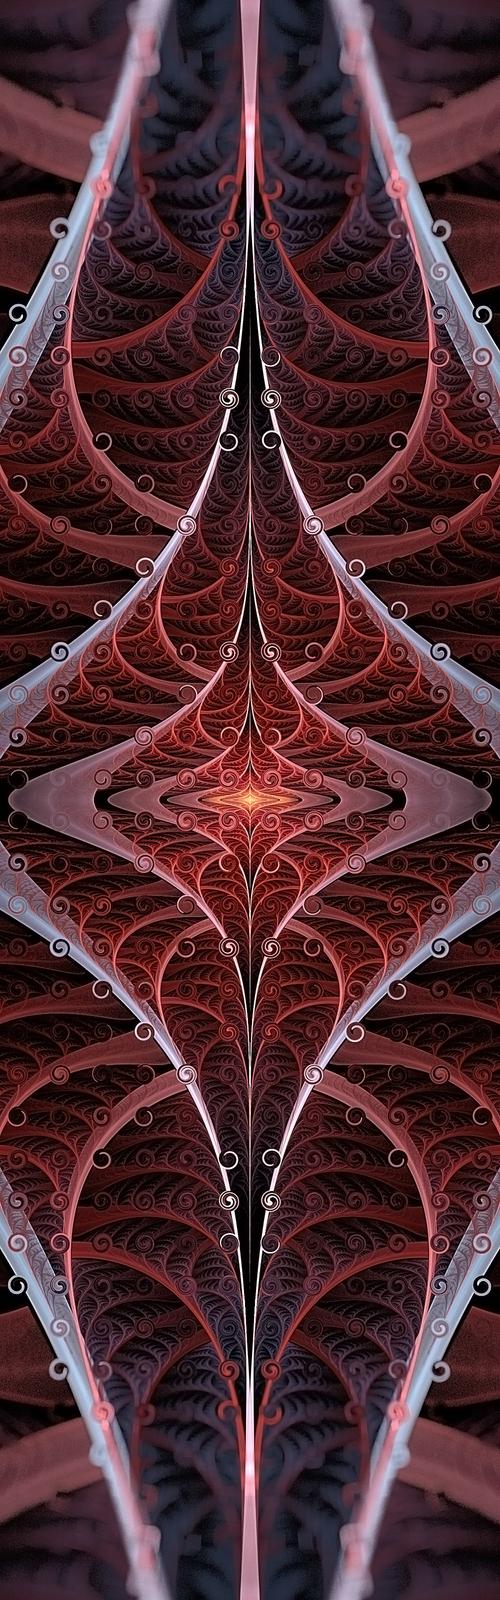 Dark Voodoo by Fiery-Fire